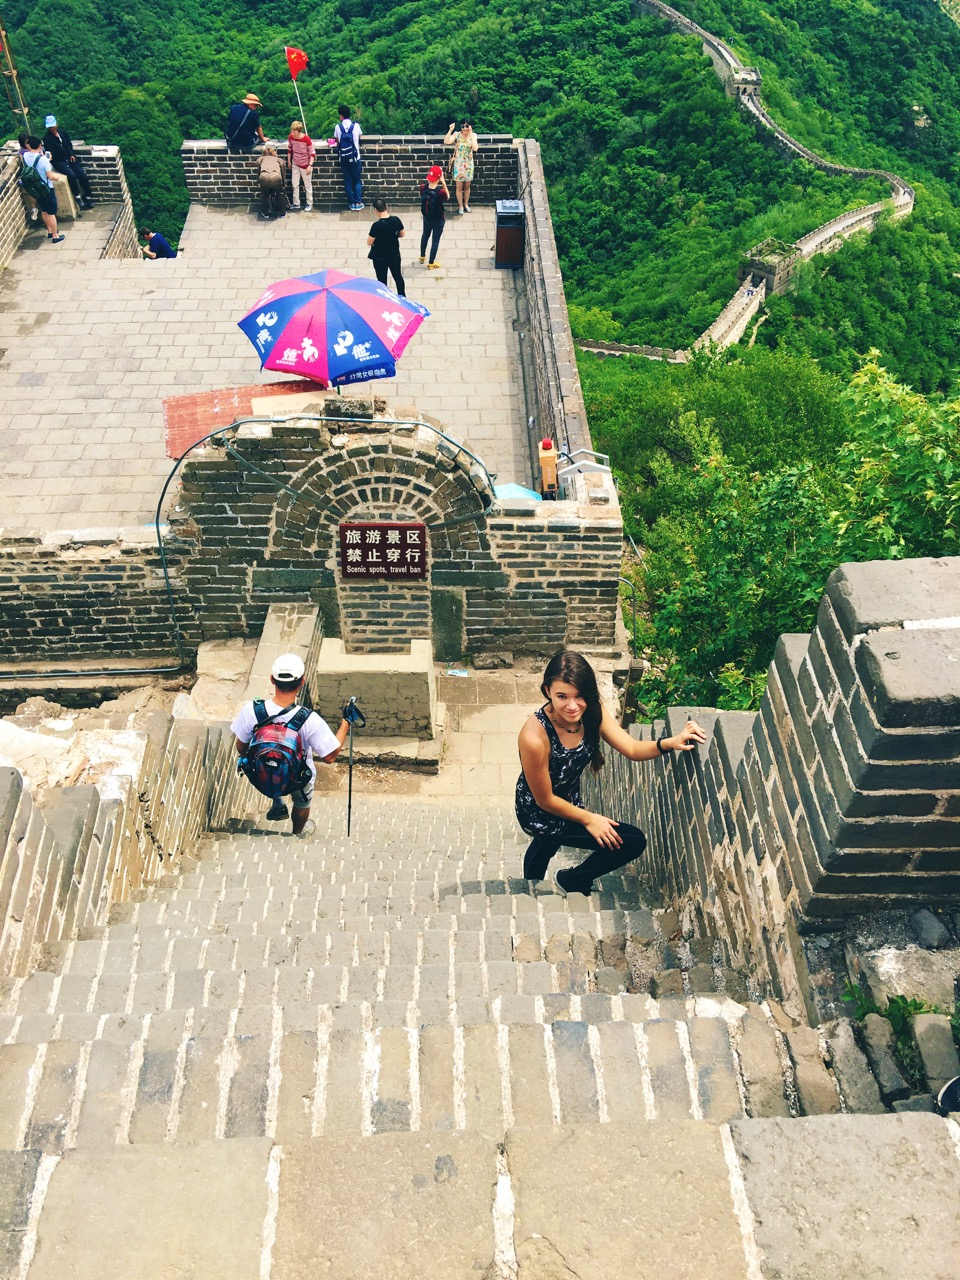 Reka at Great Wall Hiking